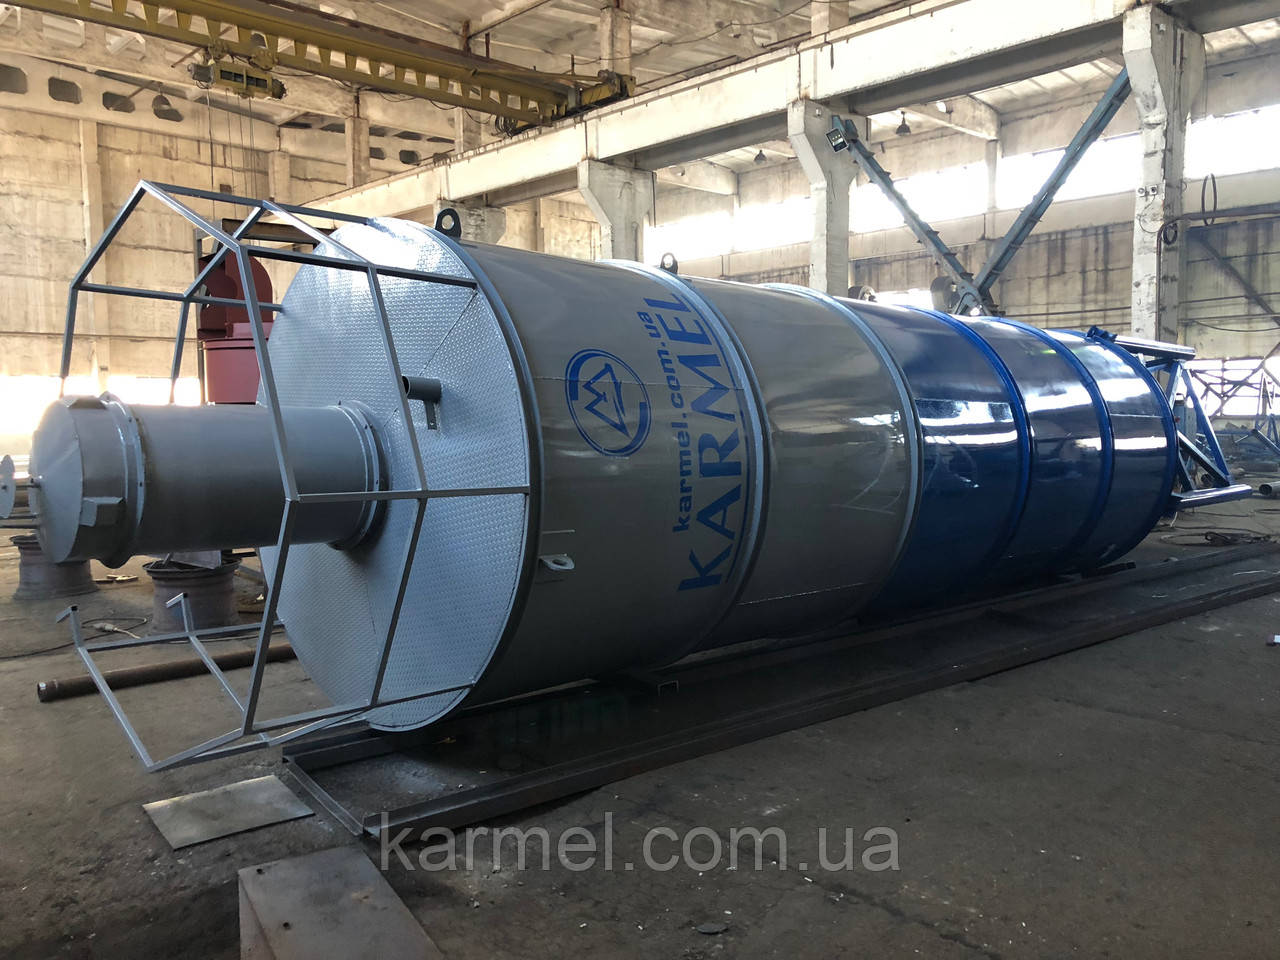 Силос для цементу 50 тон/38 м. куб KARMEL